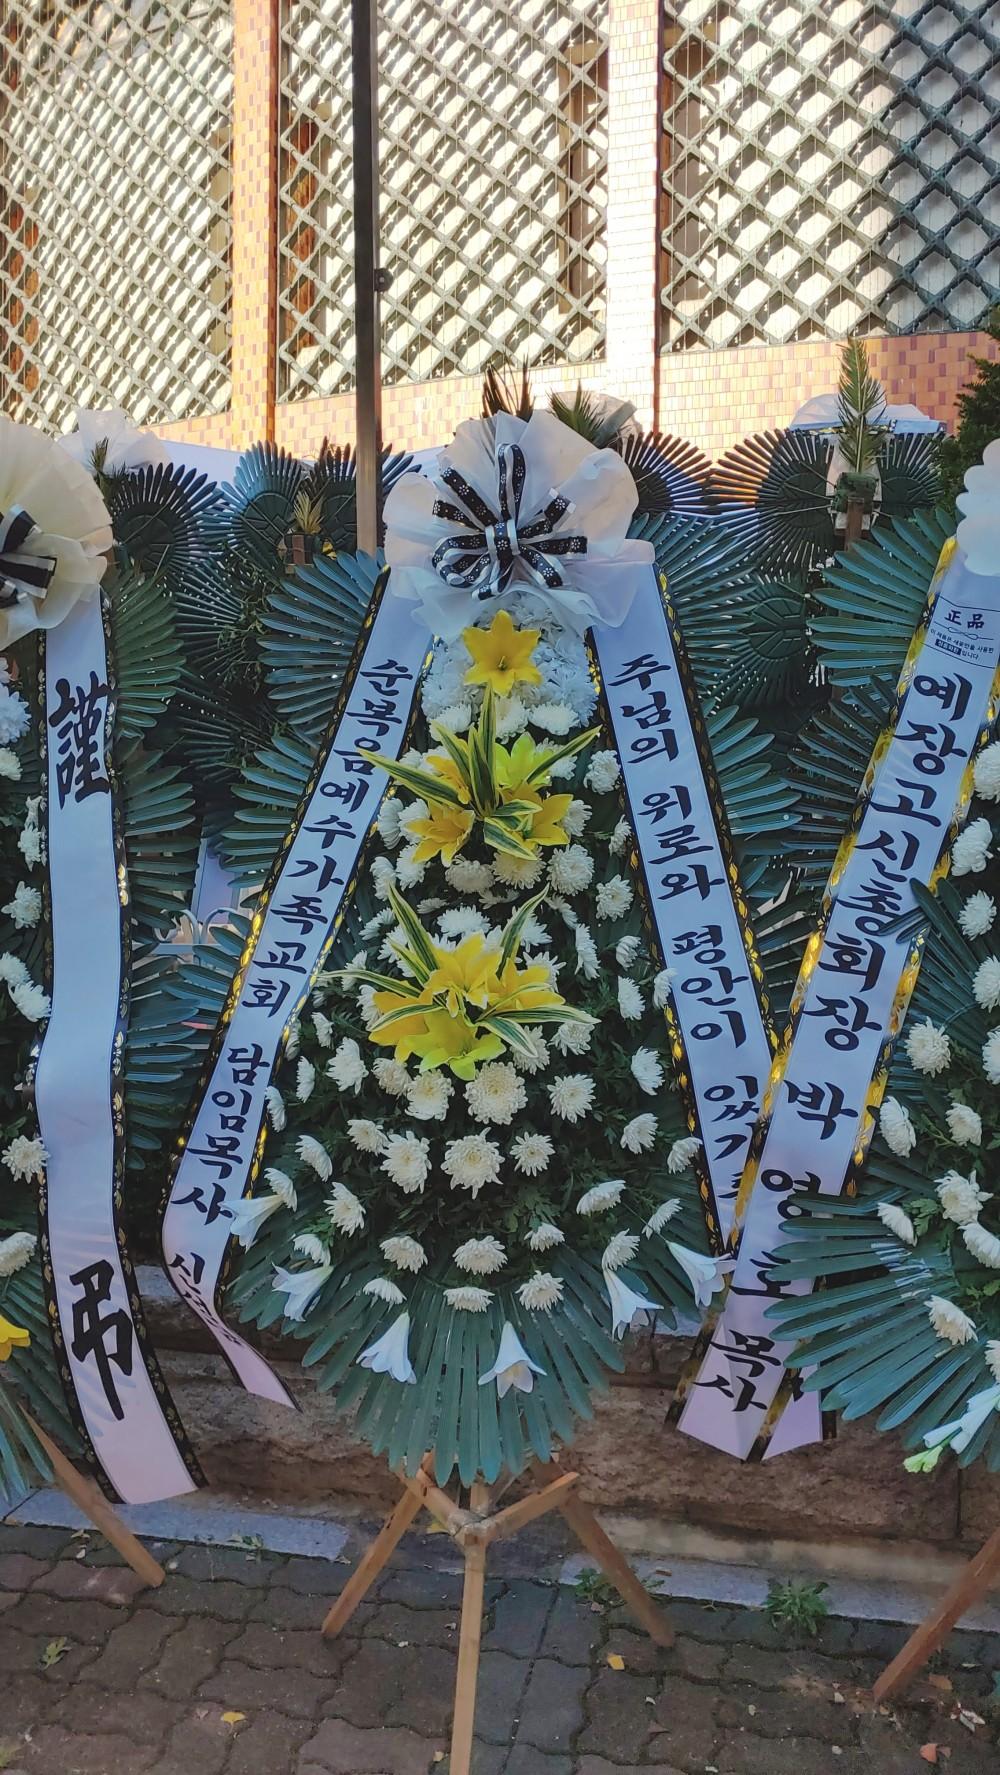 bbf3c43ceaee36cdc6c08b7955b70ad4_1631771533_8733.jpg